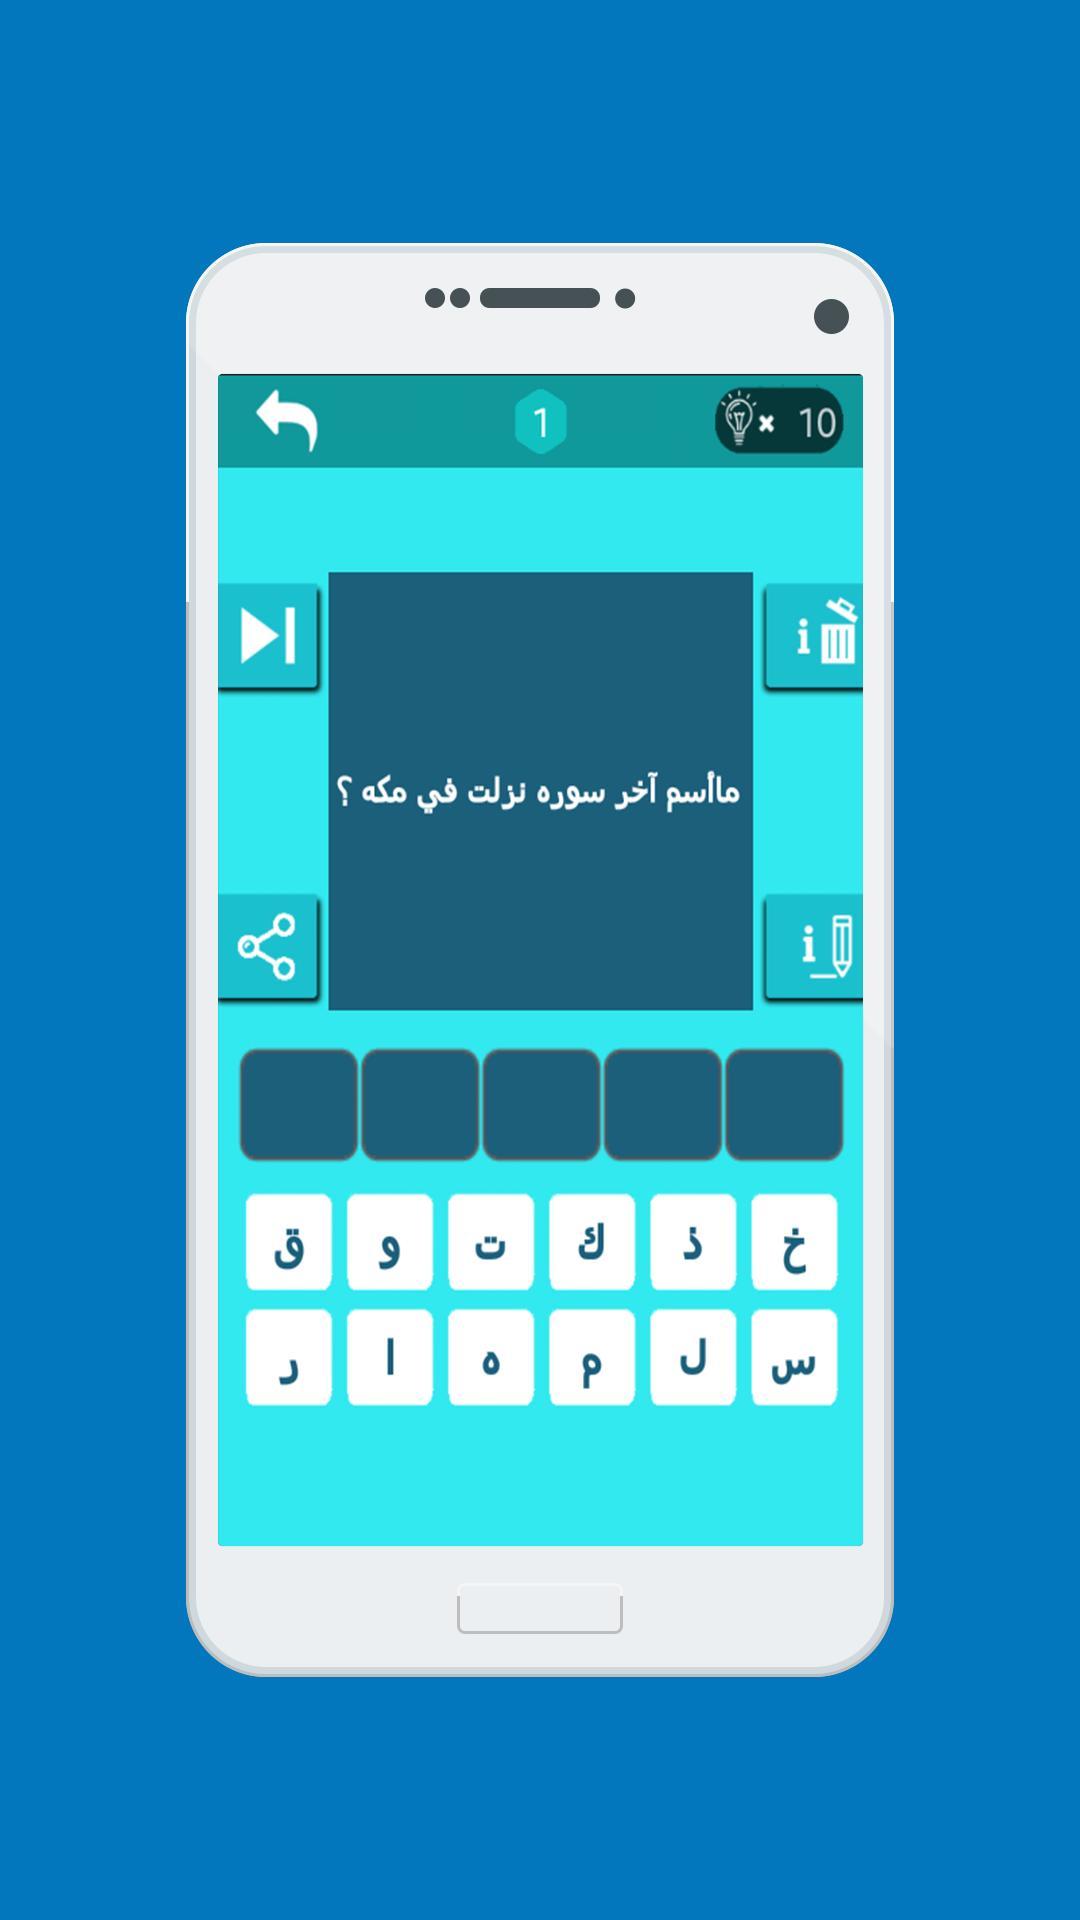 تحدي المعرفة كلمات متقاطعة Fur Android Apk Herunterladen